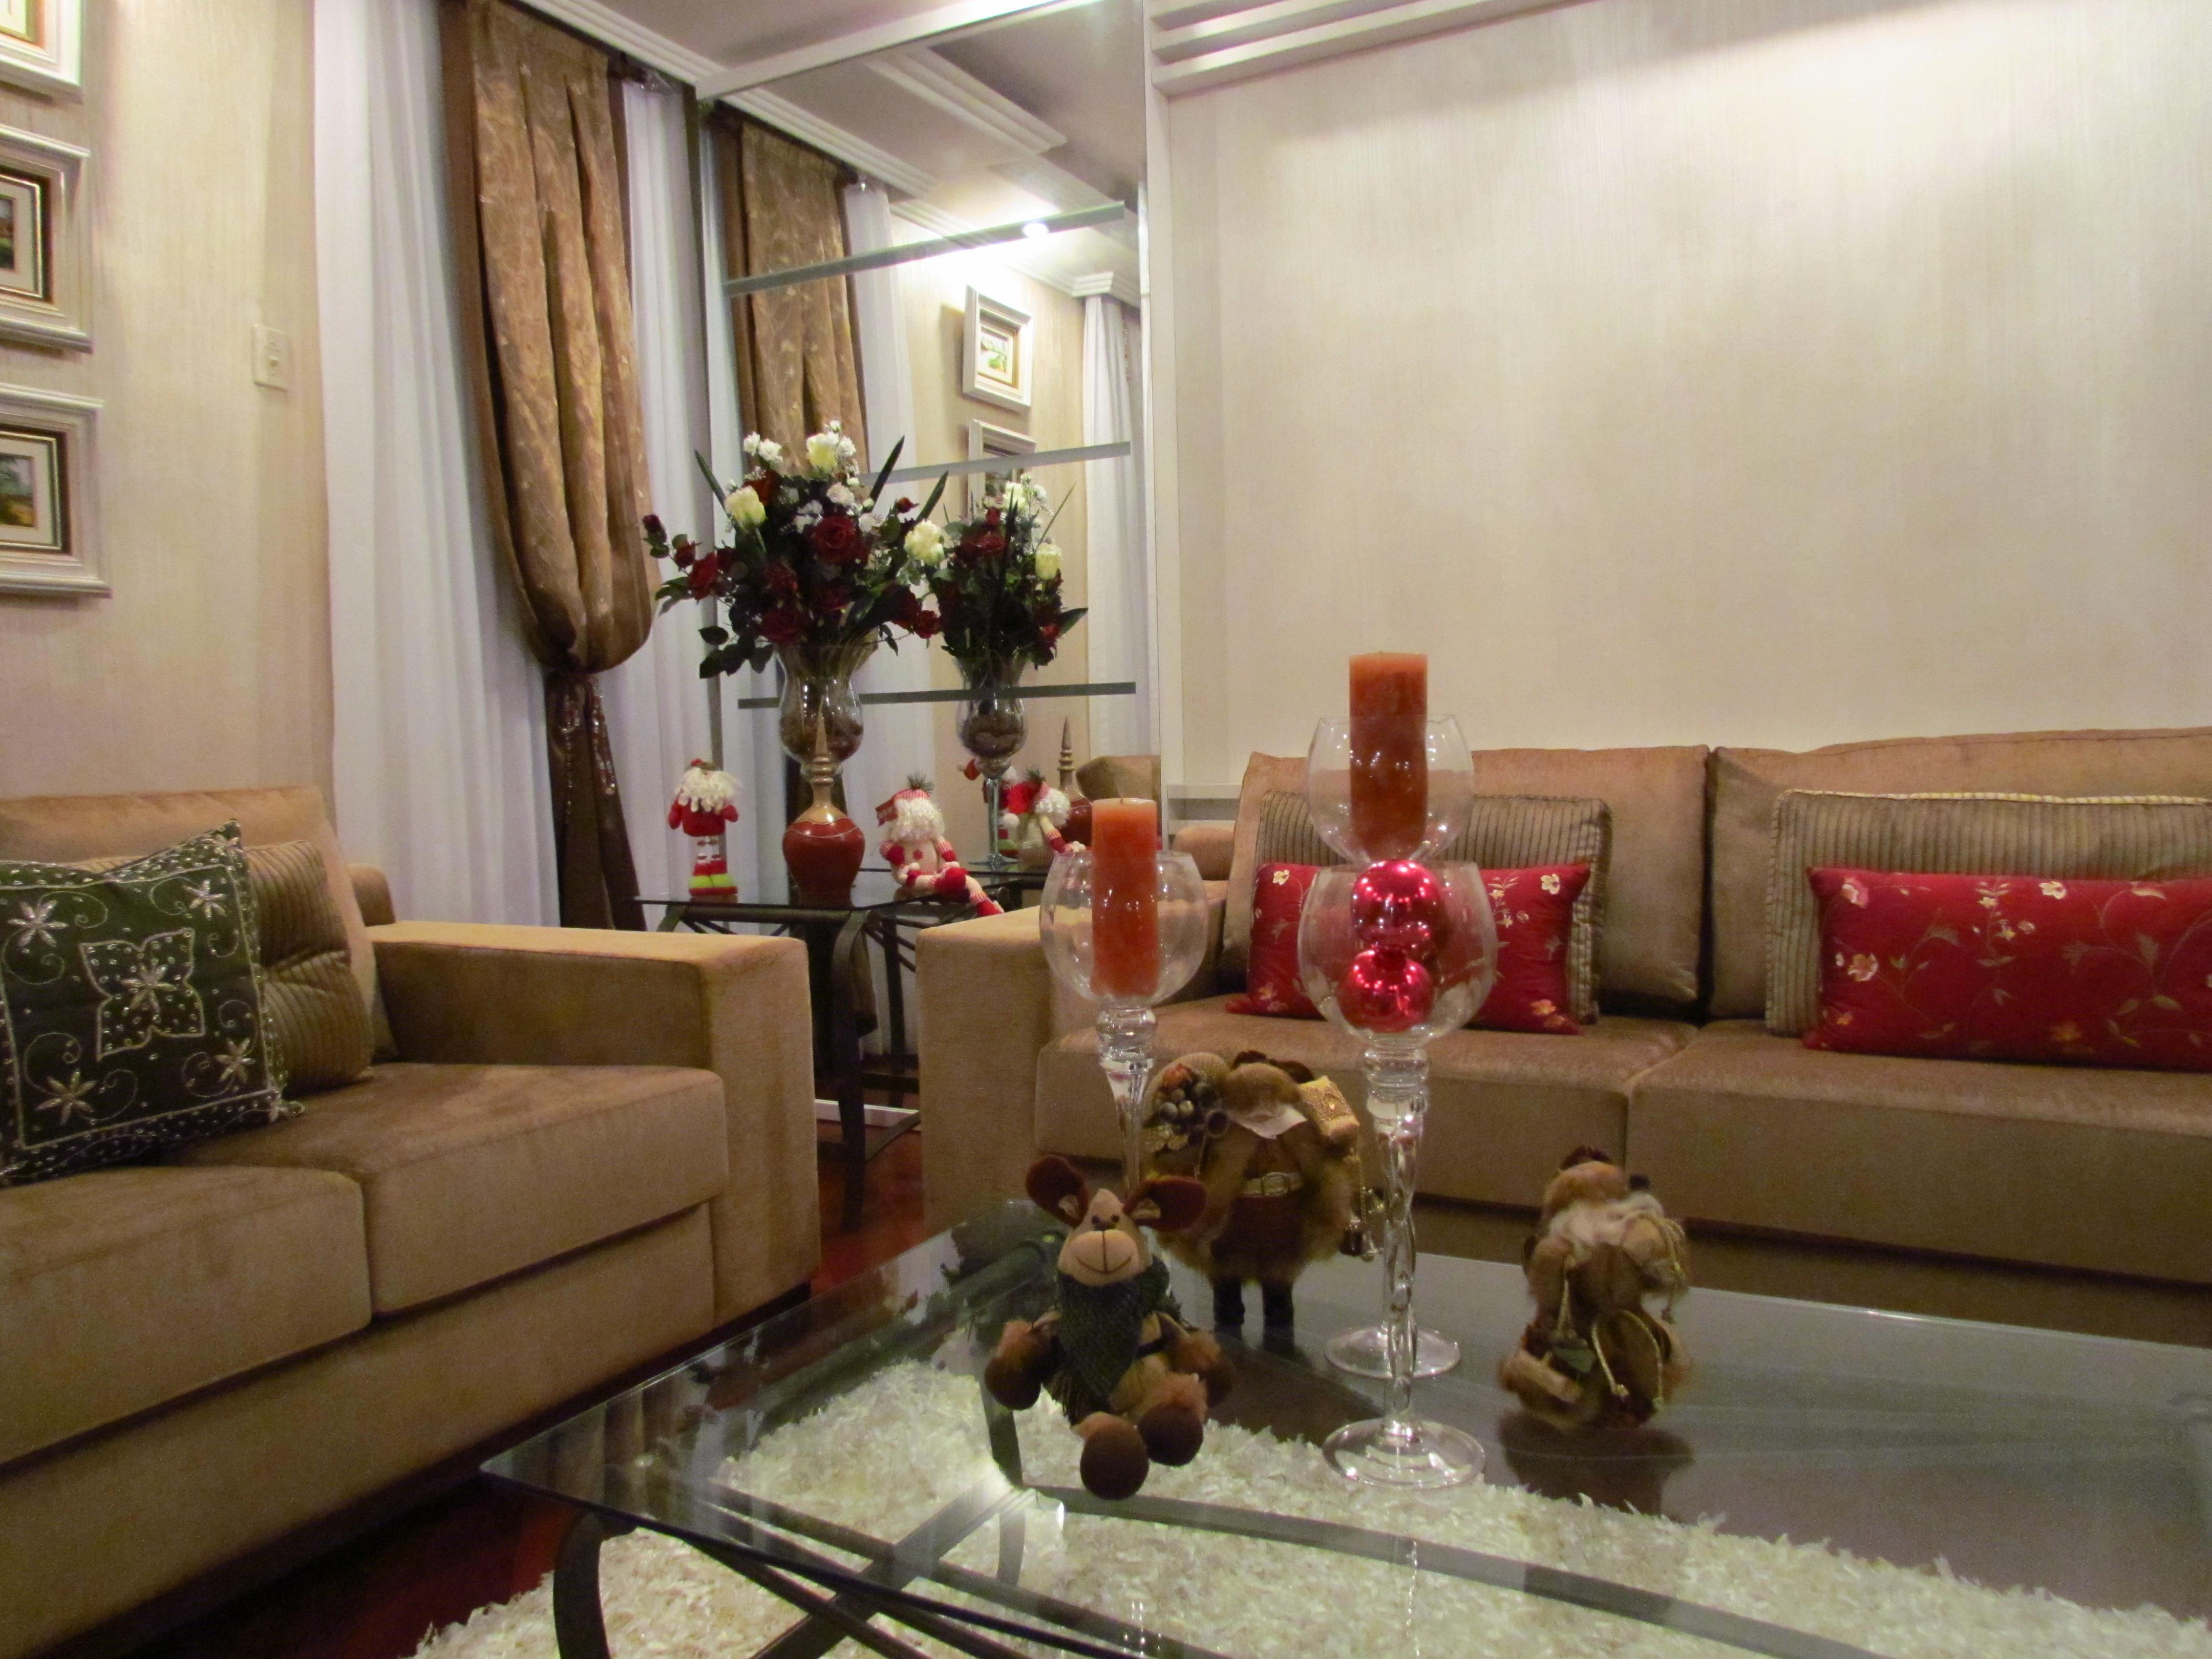 decoracao de sala natal : decoracao de sala natal:Decoração sala de estar Natal O Pimenteiro